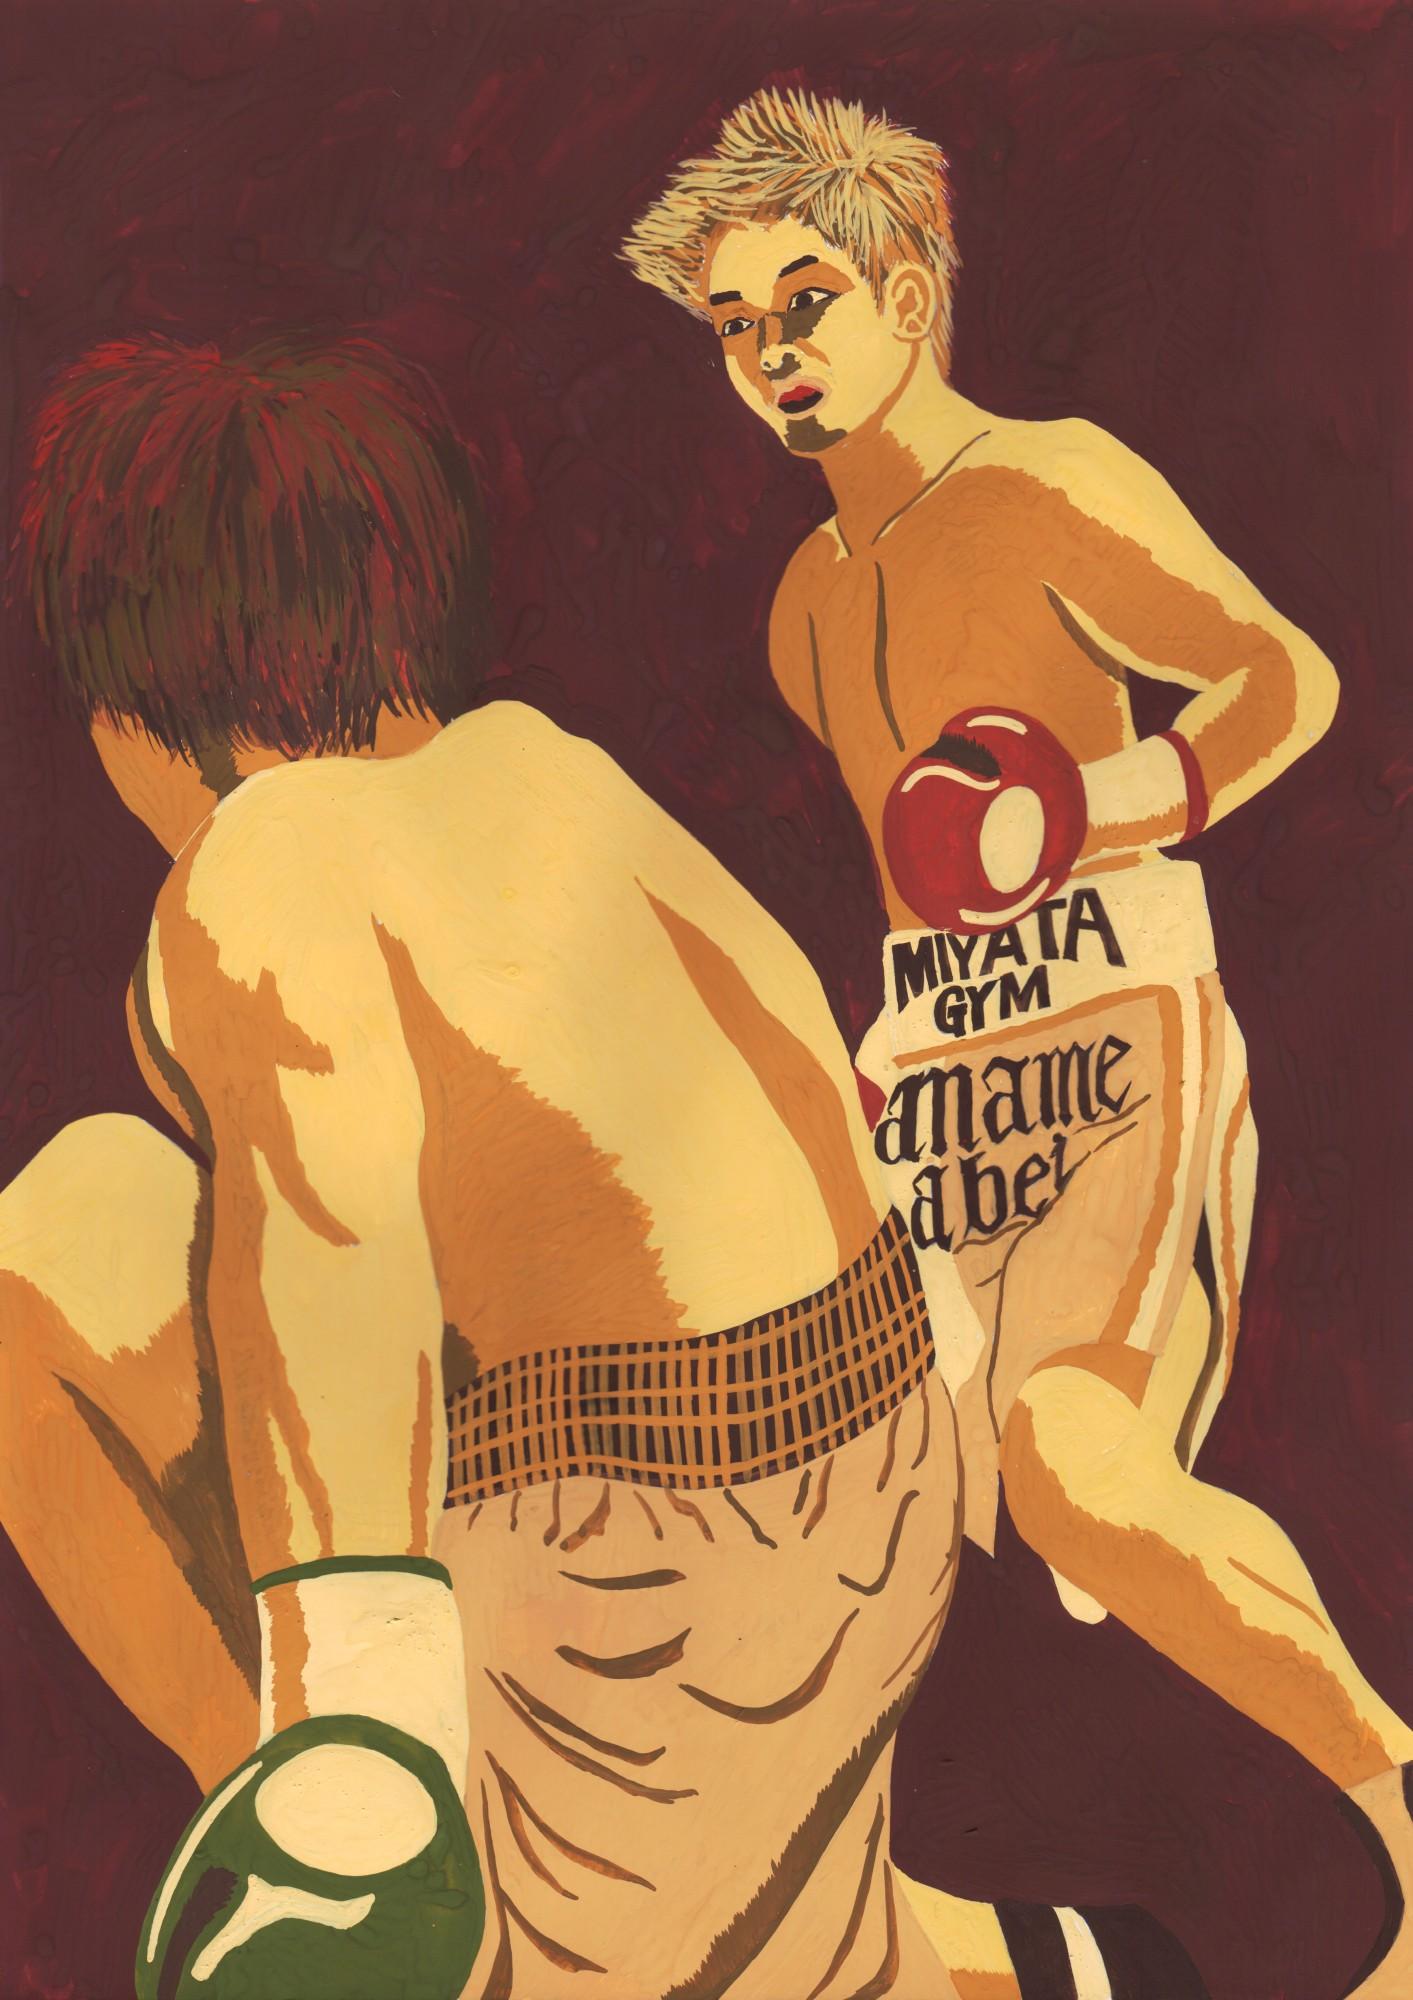 イラスト「逆転(田部井要選手世界チャンピオンへの軌跡4)」